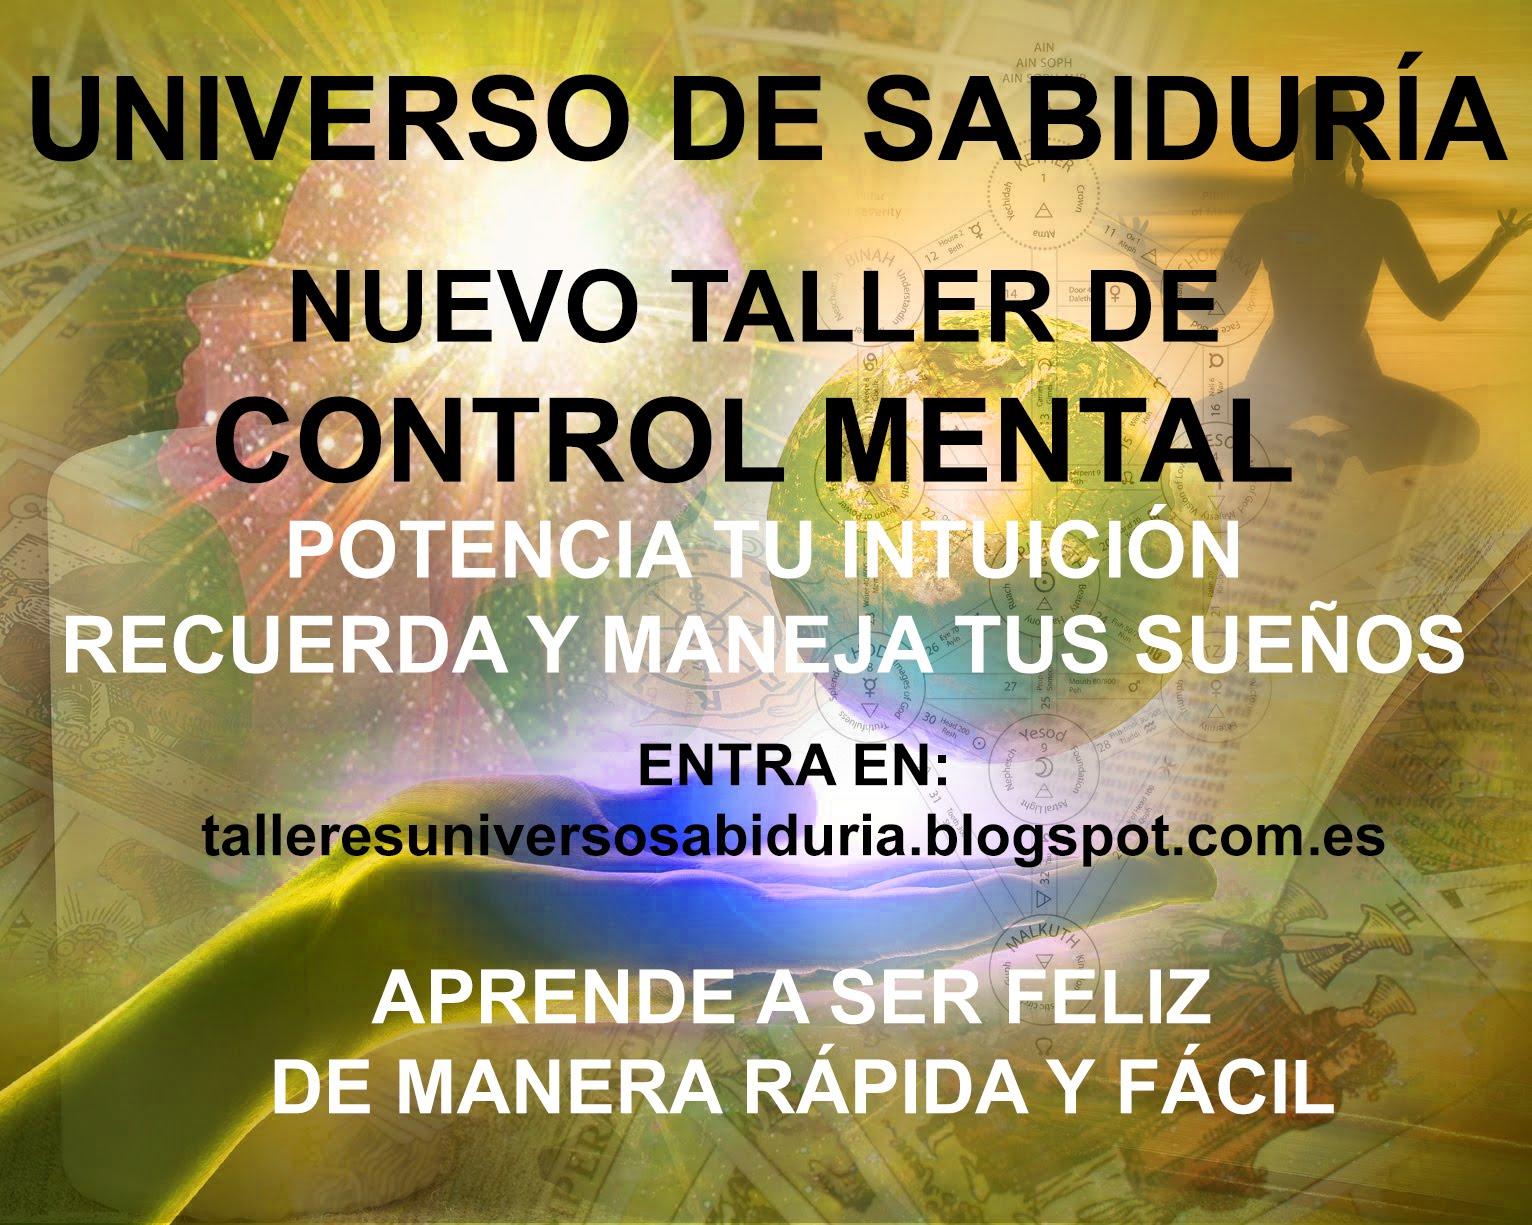 CURSOS Y TALLERES DE CONTROL MENTAL